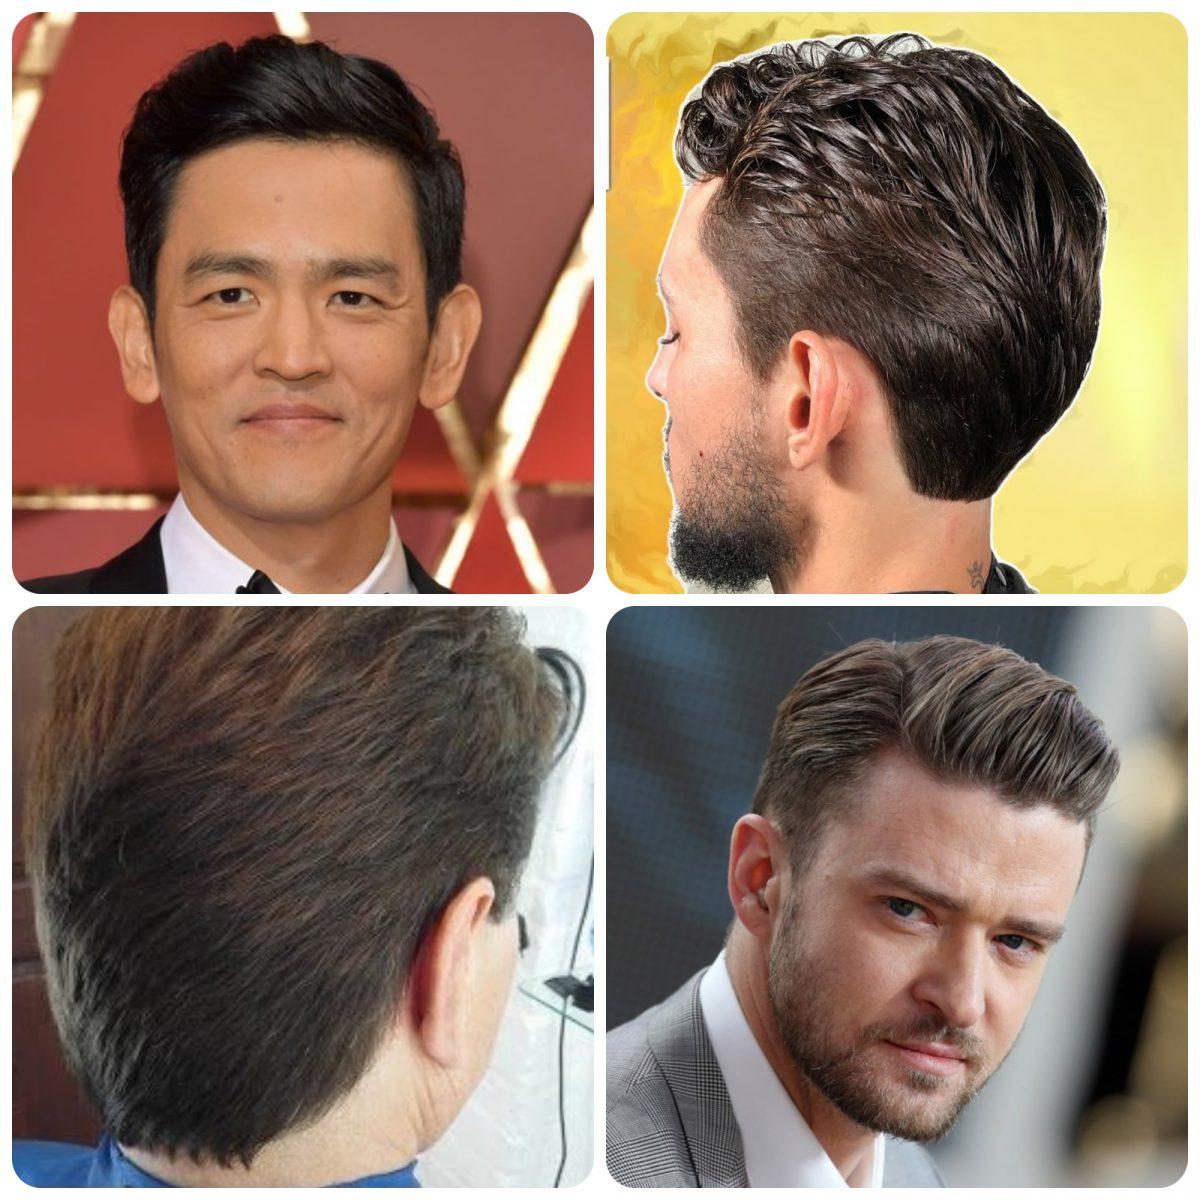 Peinado clásico de corte a tijera